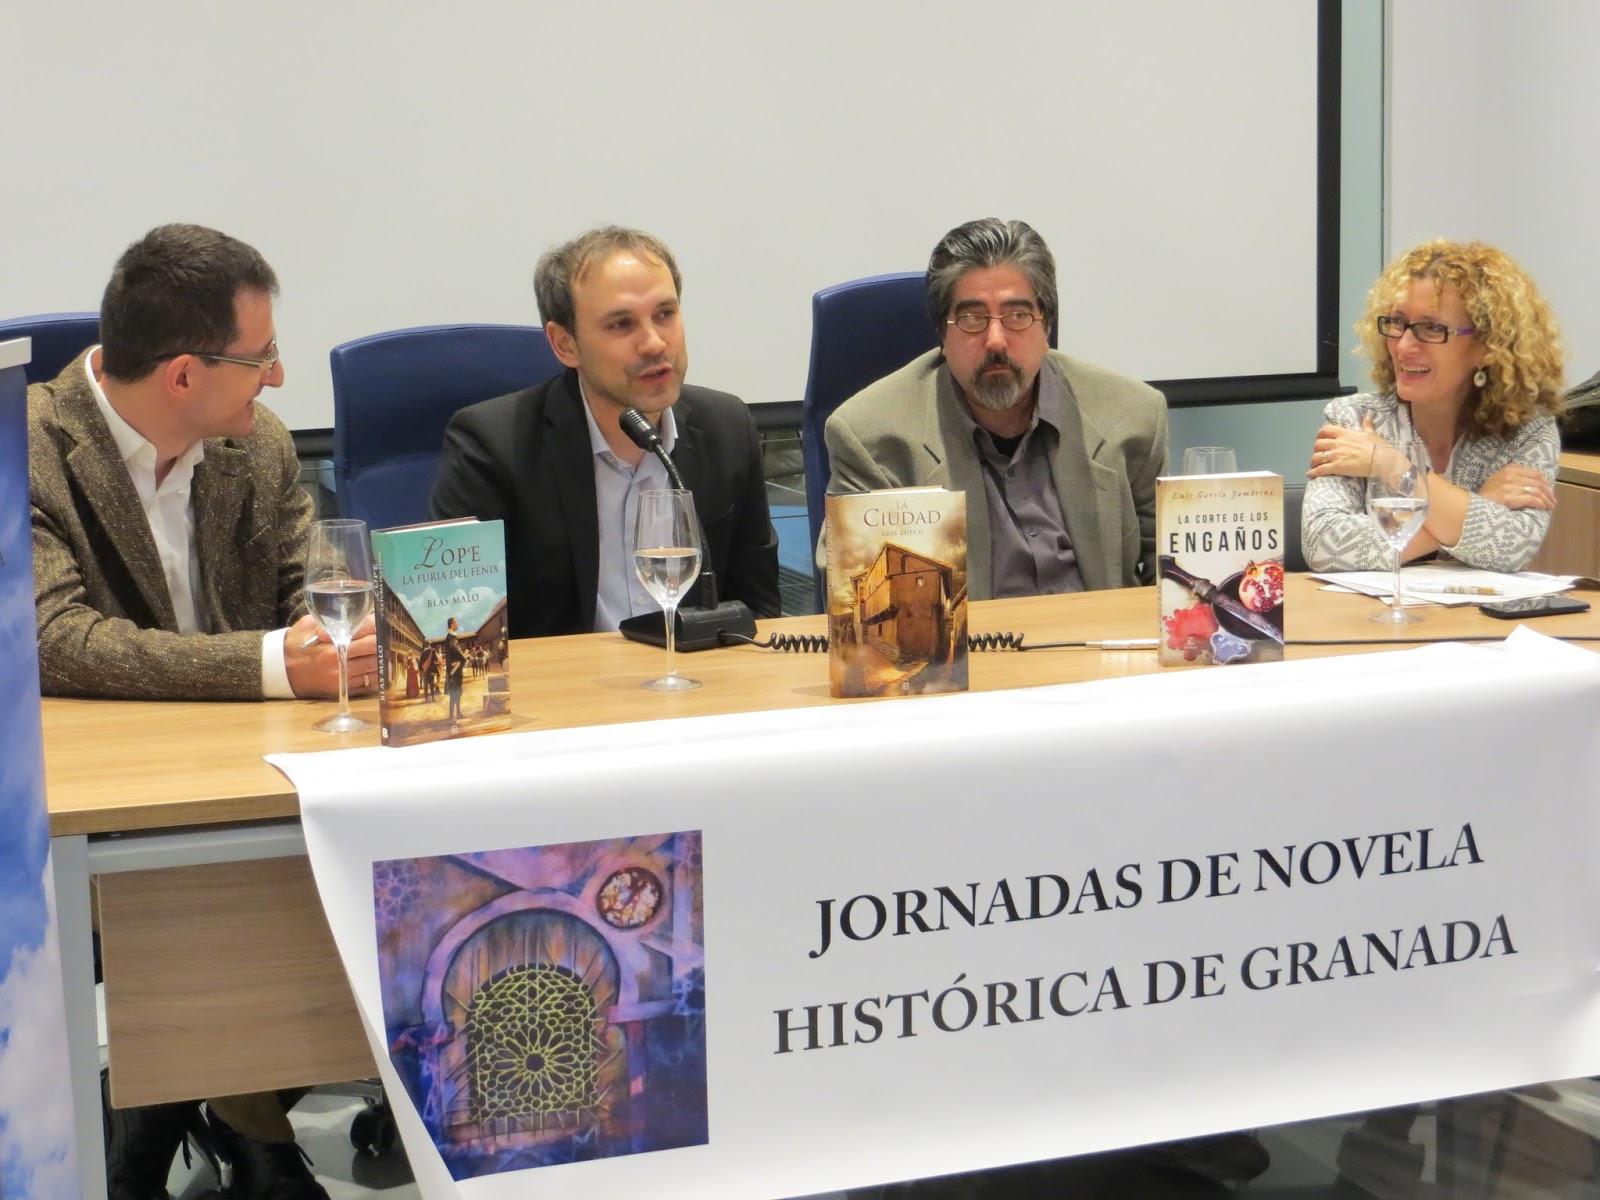 JORNADAS DE NOVELA HISTORICA EN GRANADA